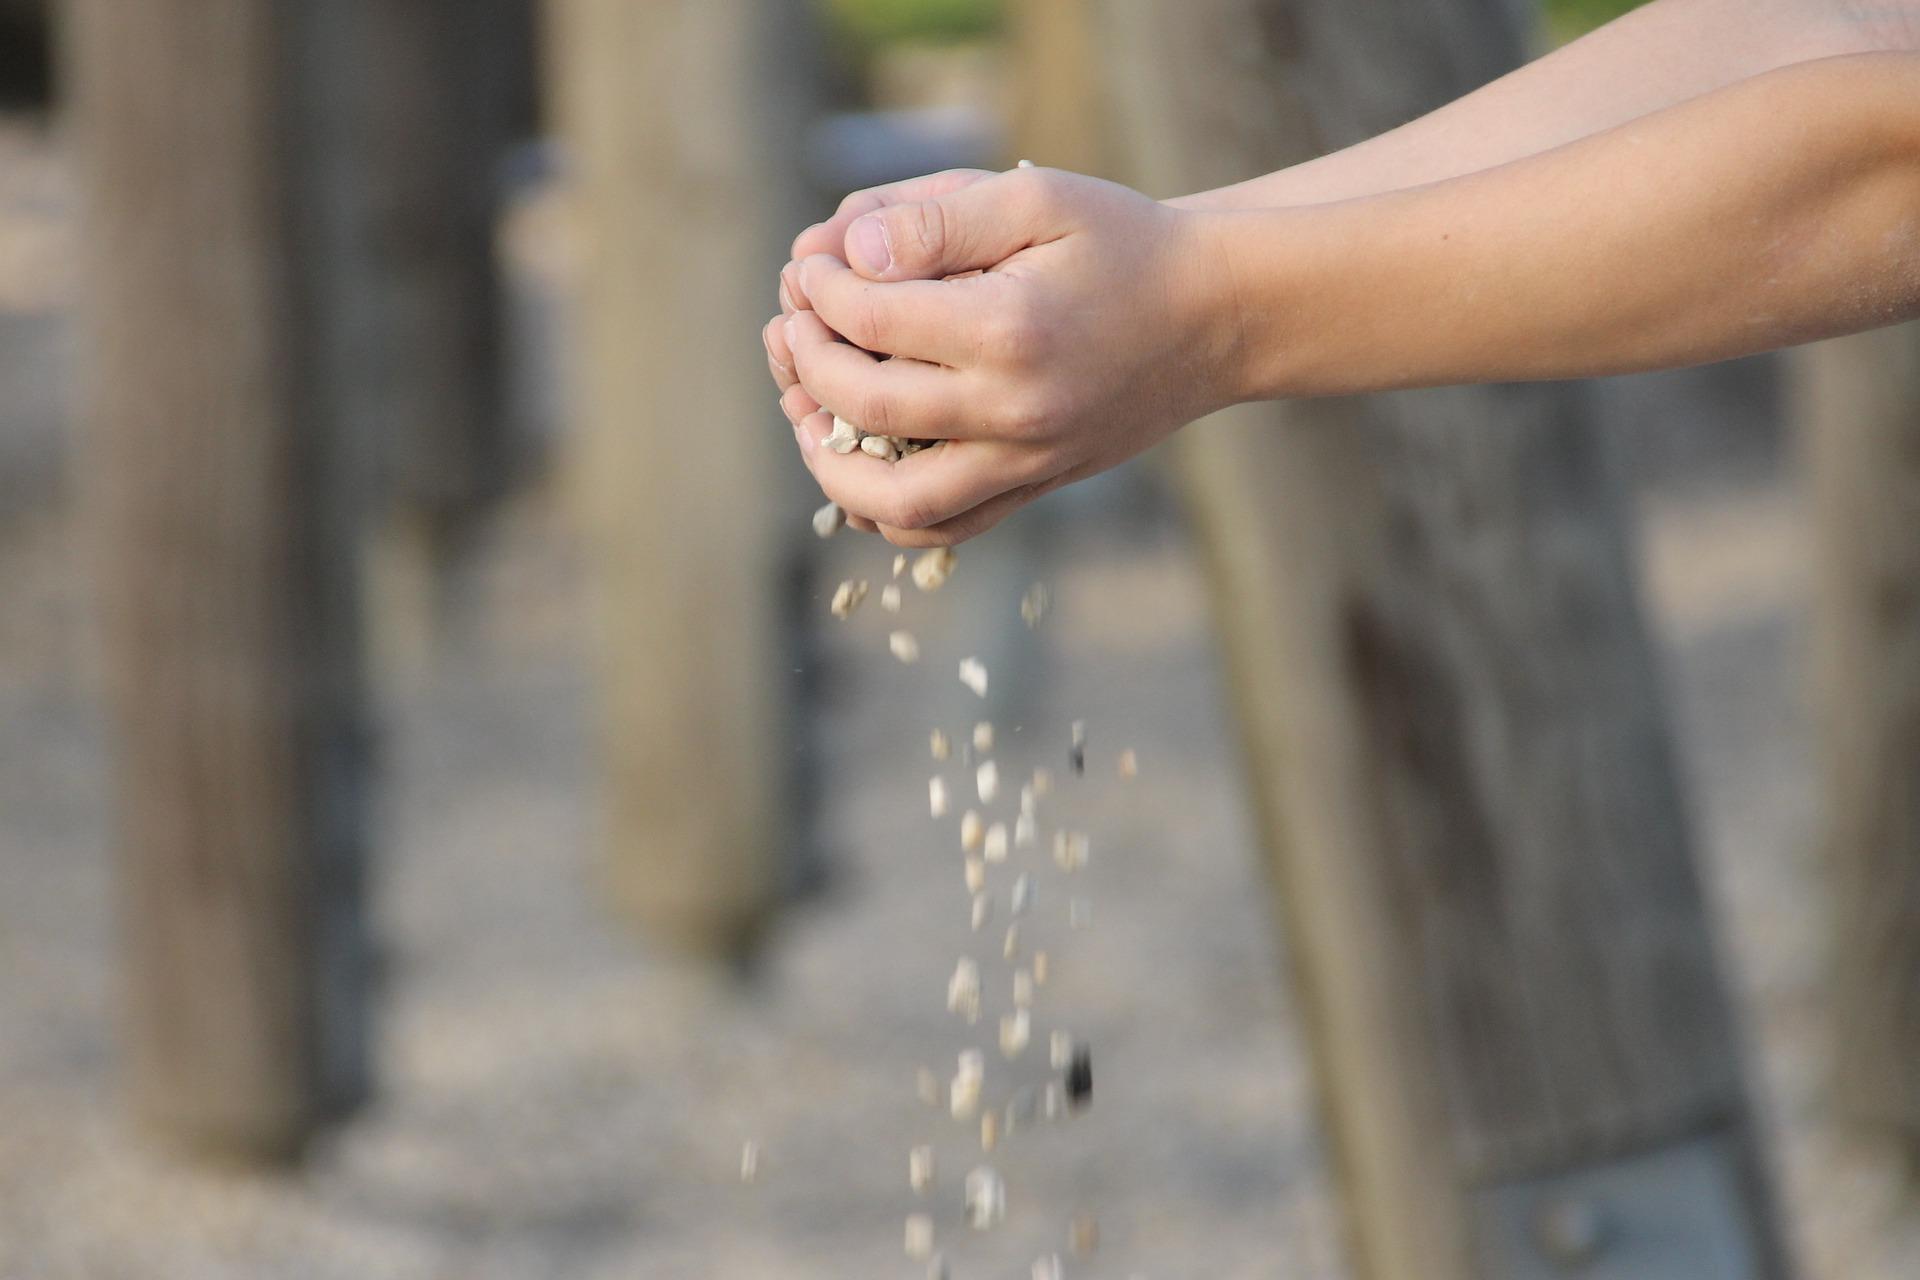 Verschränkte Hände, aus denen Steinchen rieseln